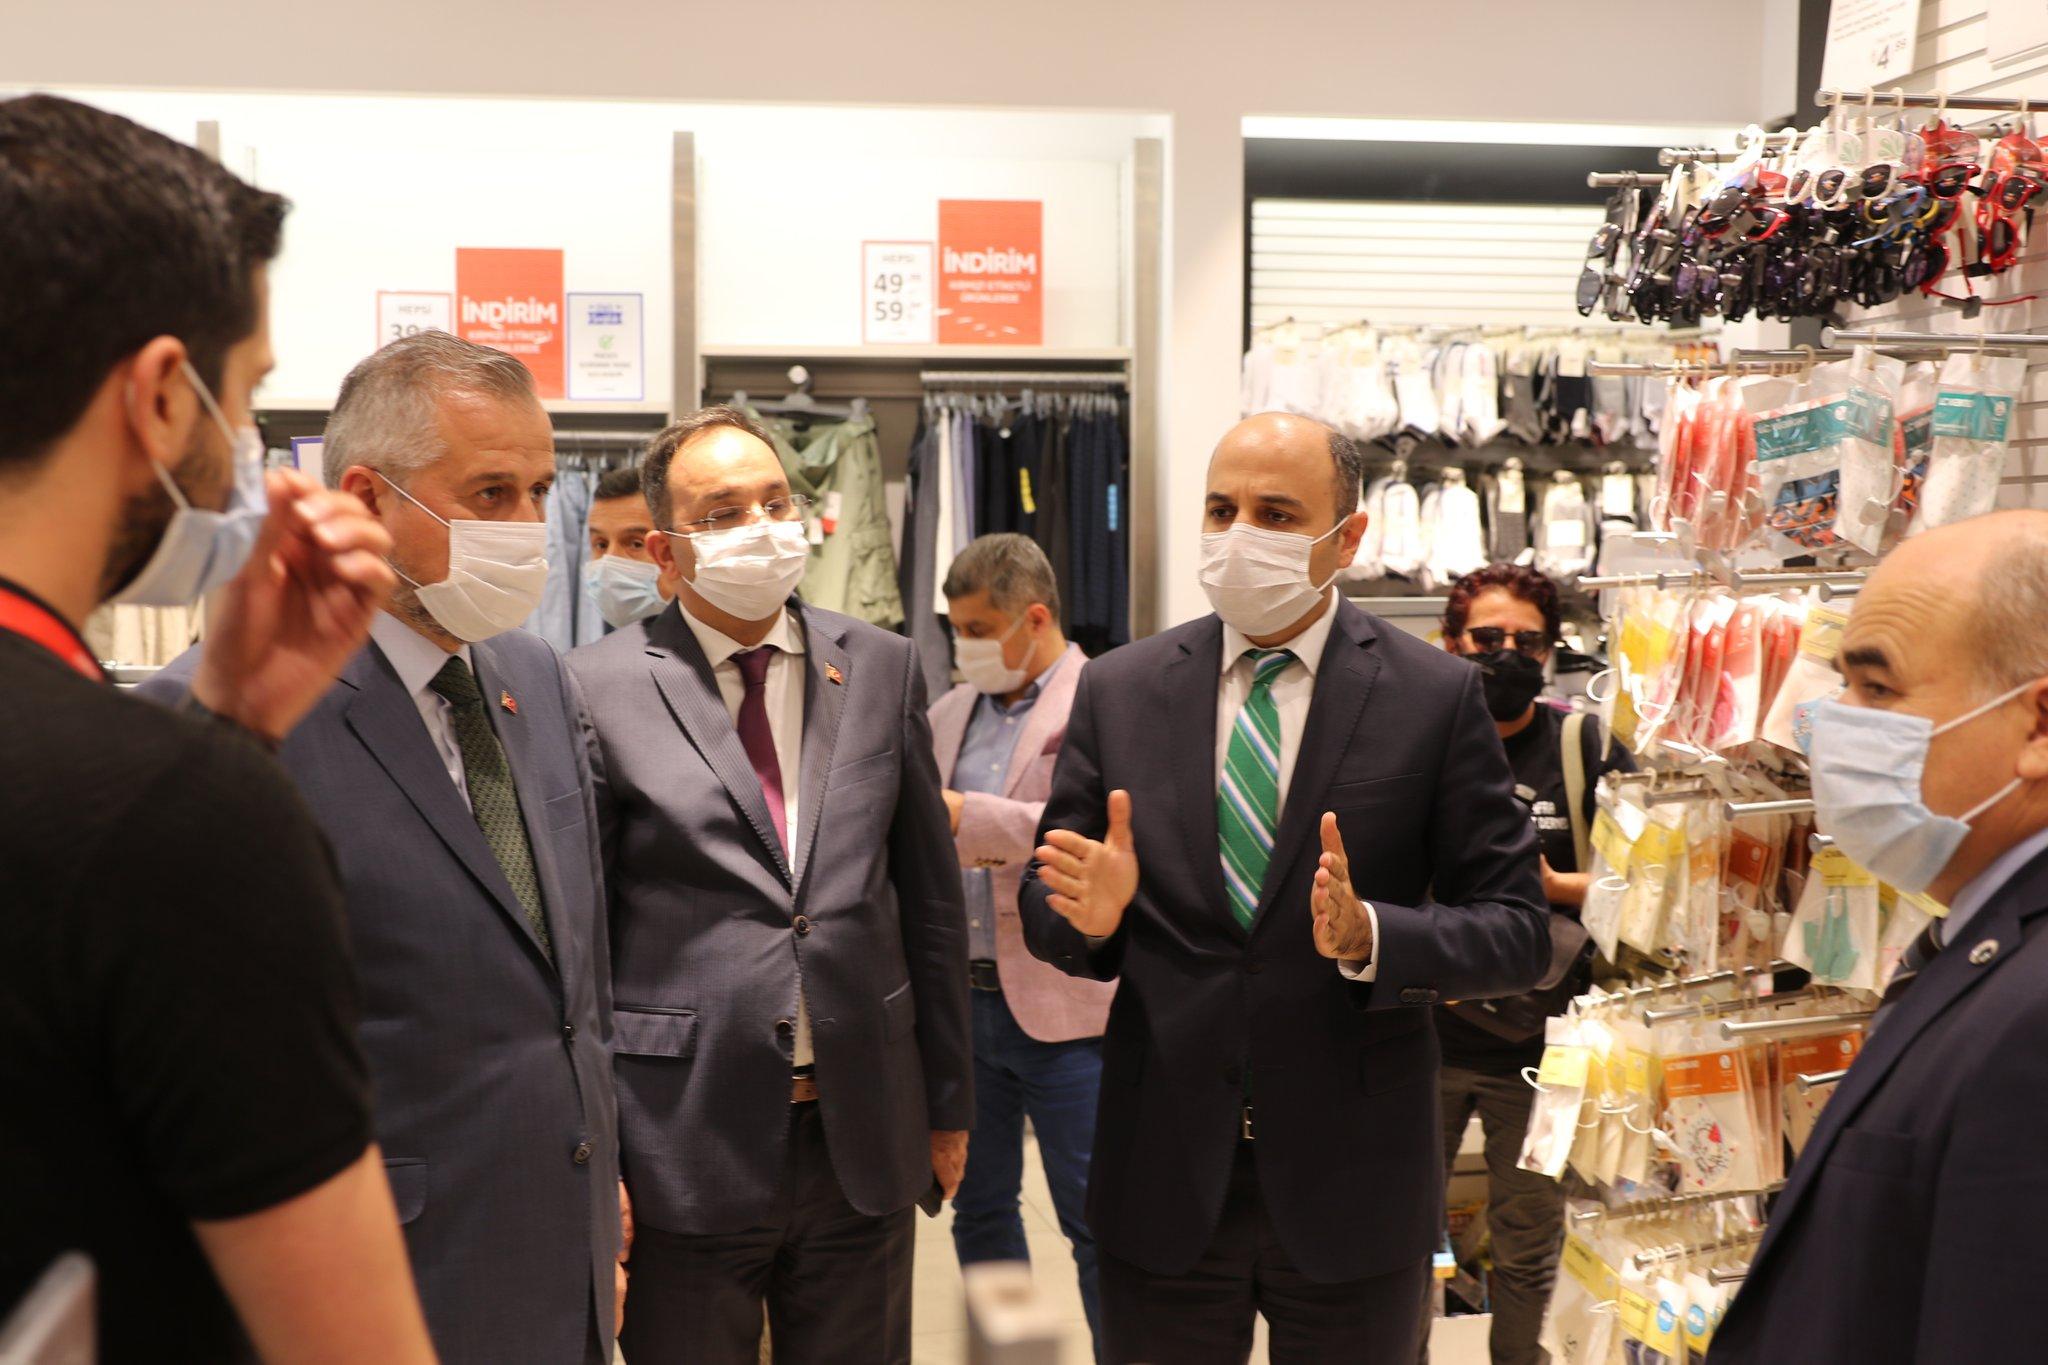 Bafra Atatürk Bulvarında Vatandaş ve Esnaflara Maske ve Mesafe Uyarılarında Bulunuldu